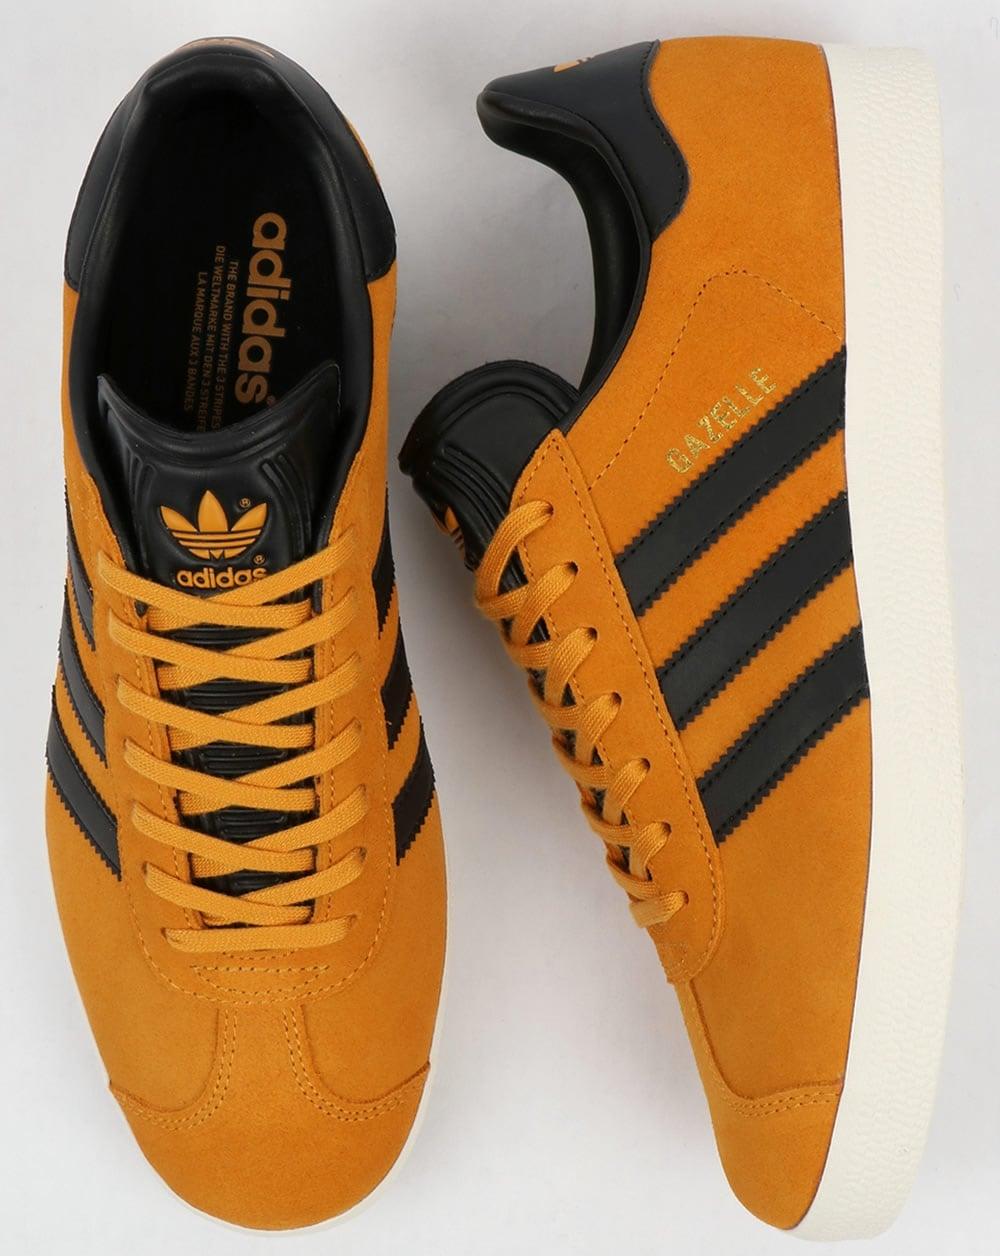 d5b3ac3ddfb Adidas Gazelle Trainers Jamaica Yellow Black